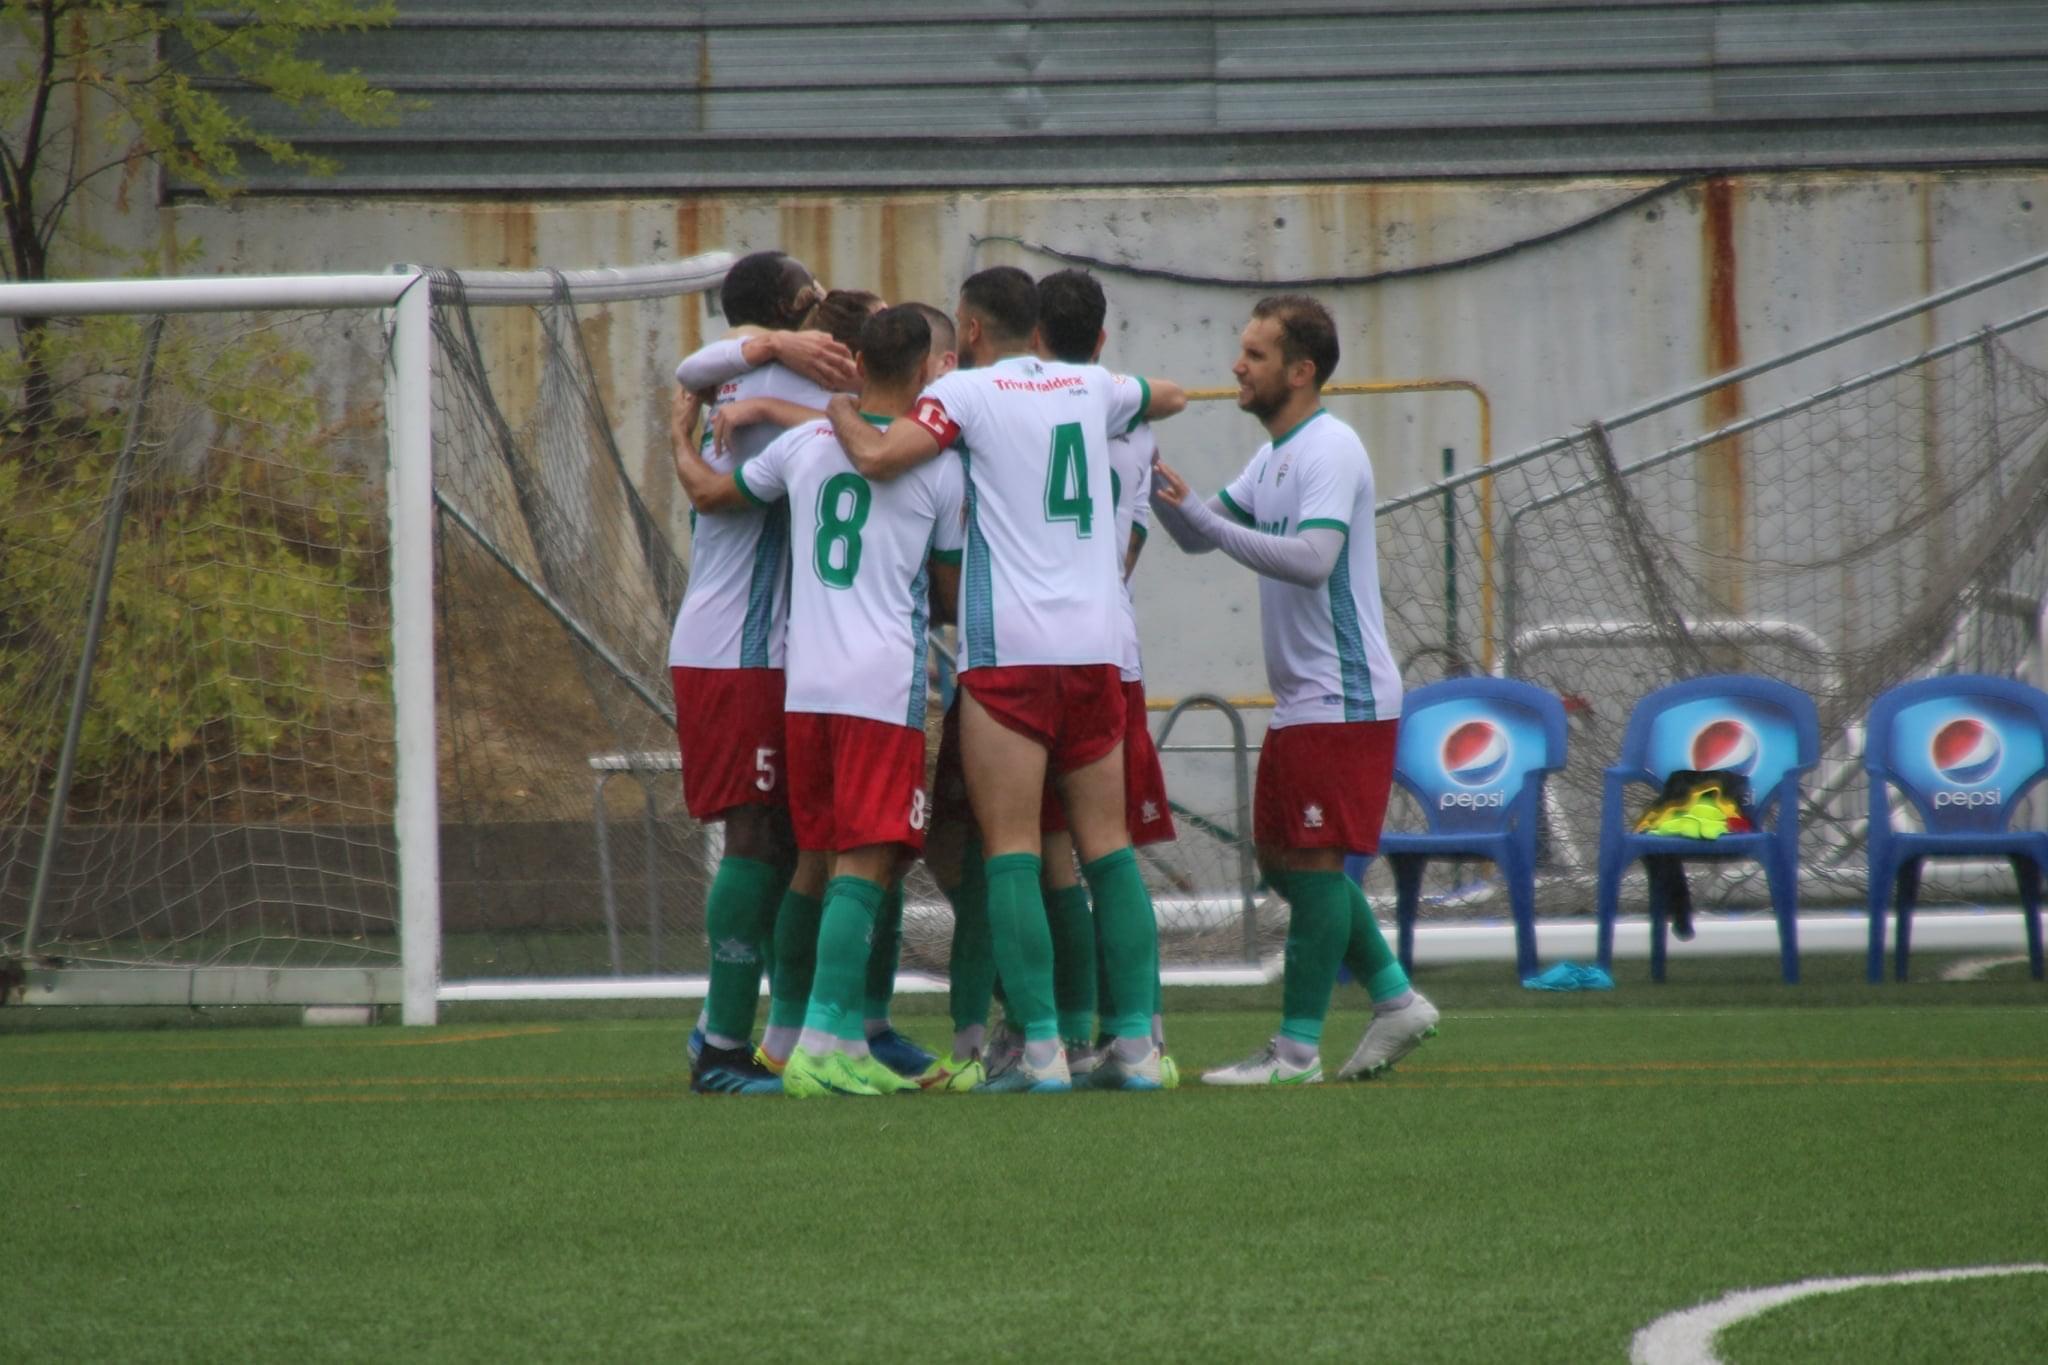 Jornada 6 I Los tres puntos se quedan en La Canaleja